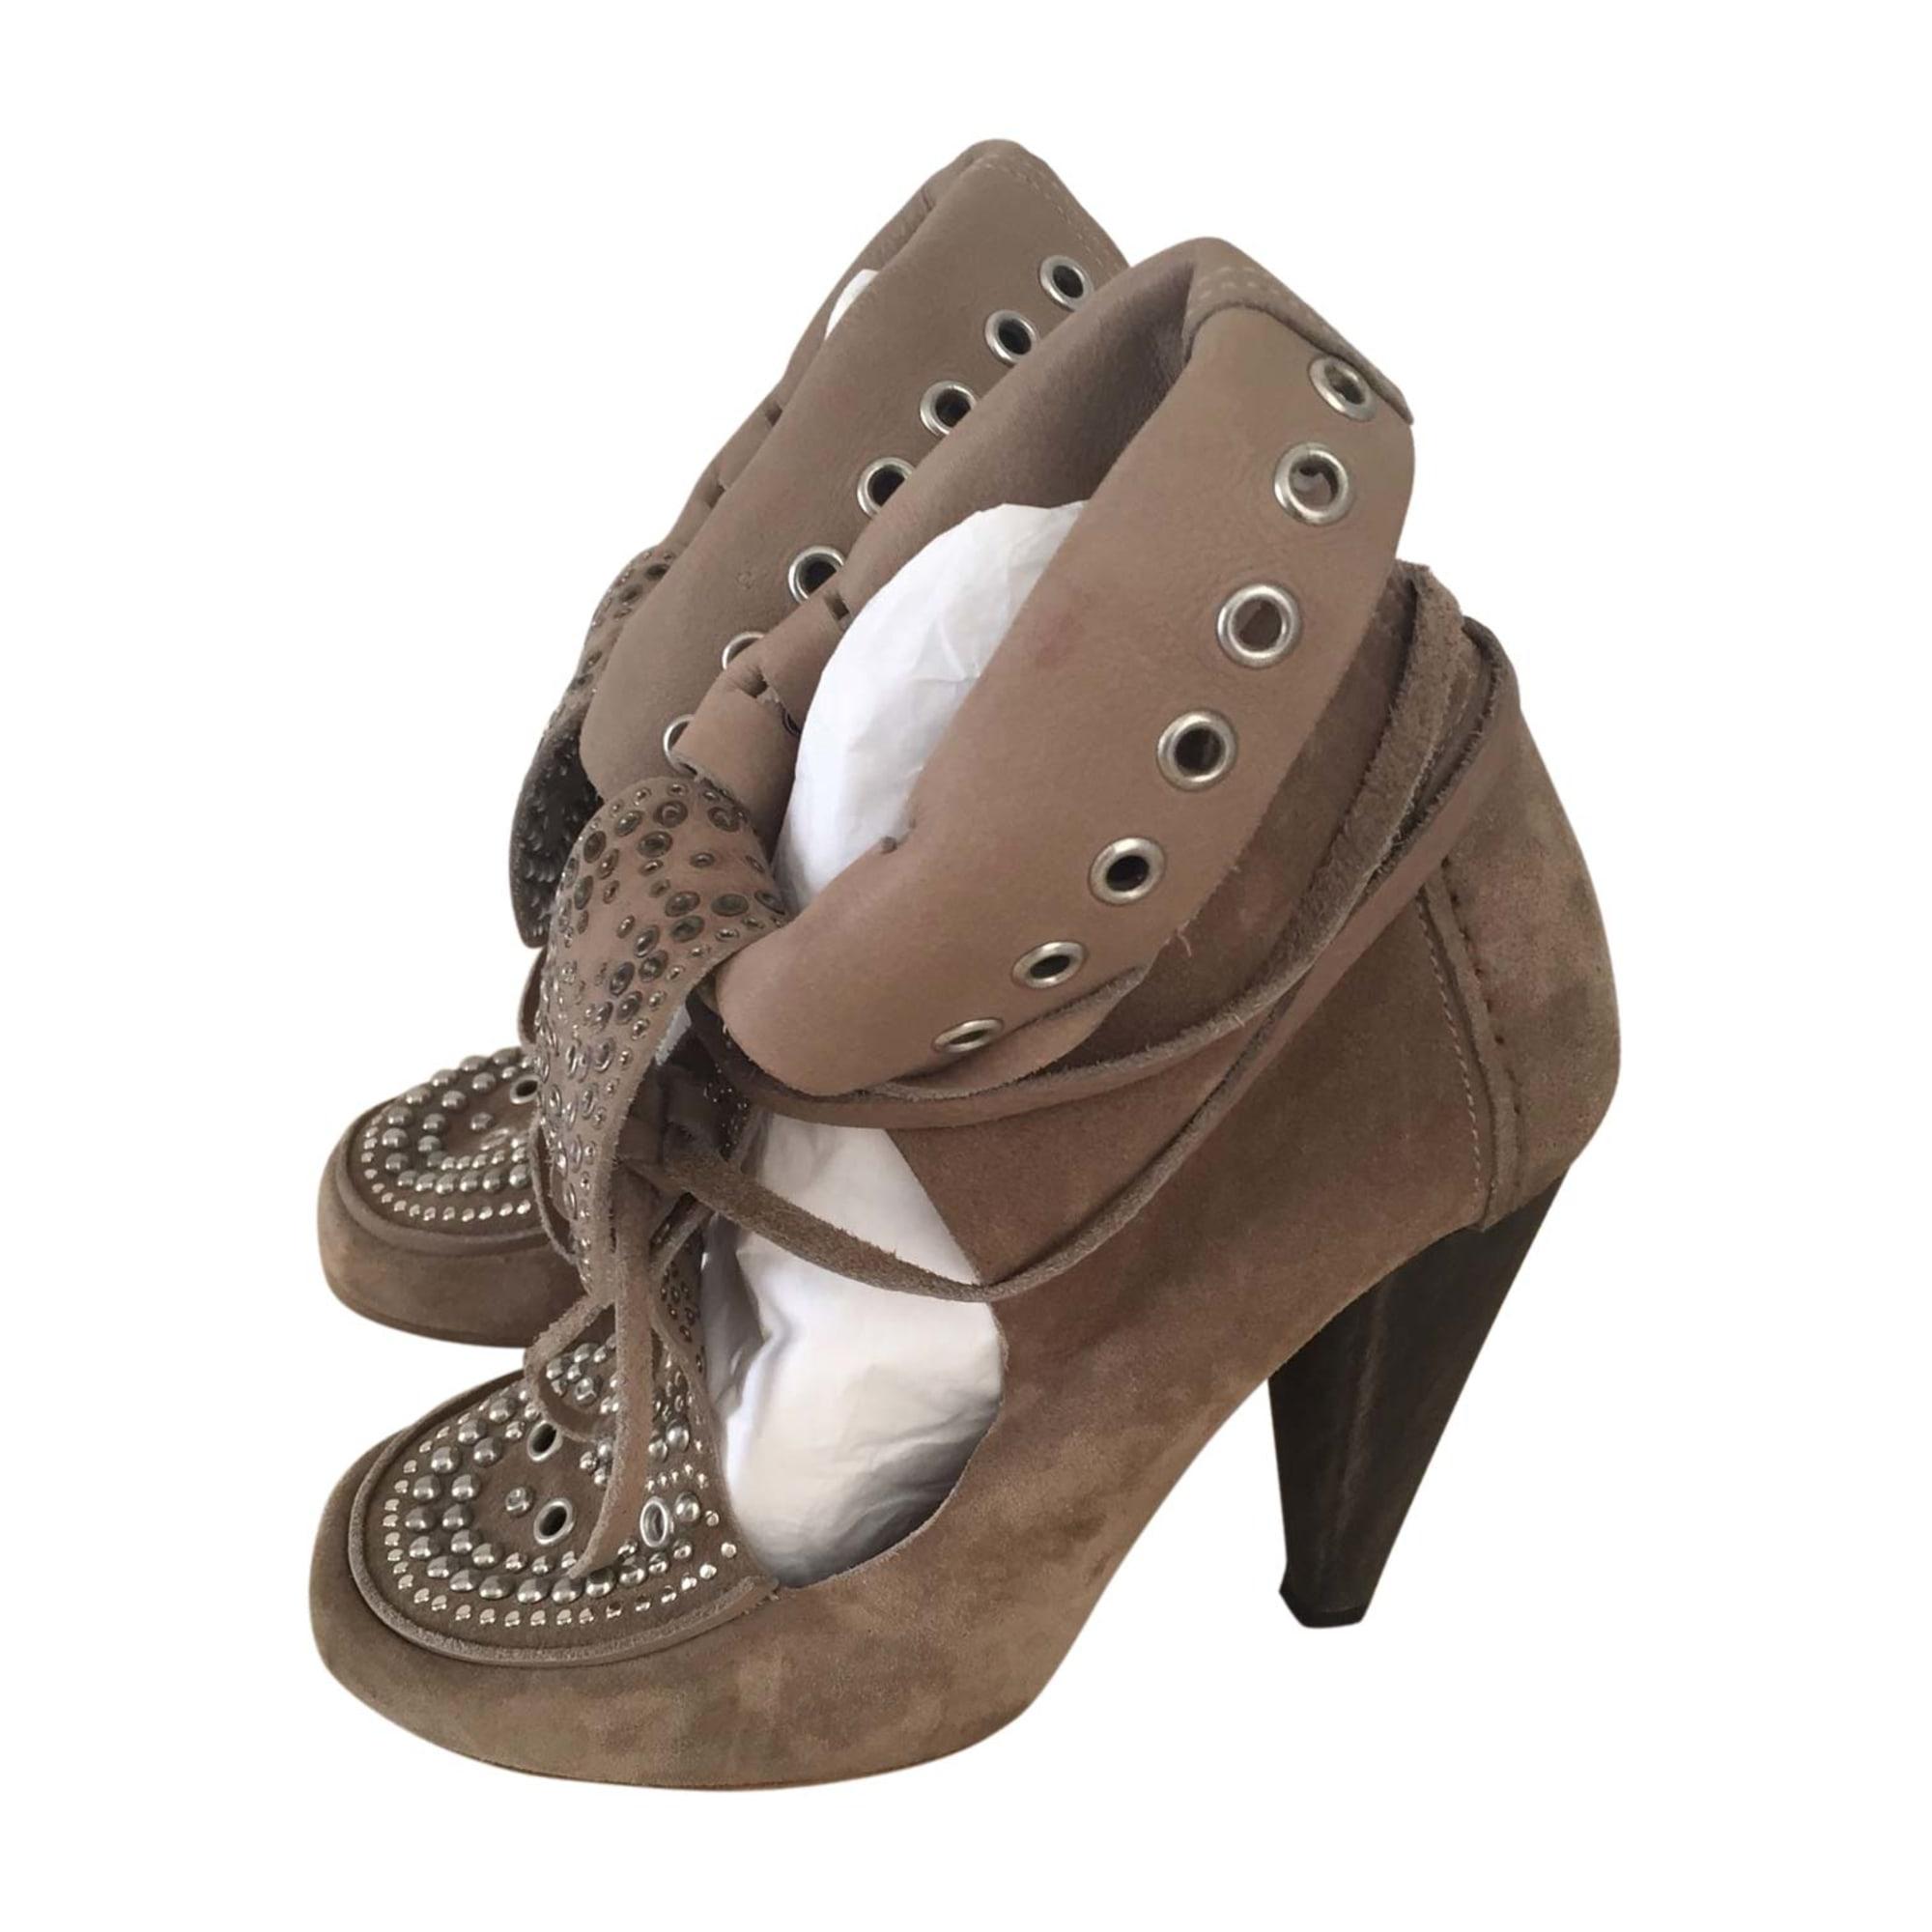 Bottines & low boots à talons ISABEL MARANT Beige, camel